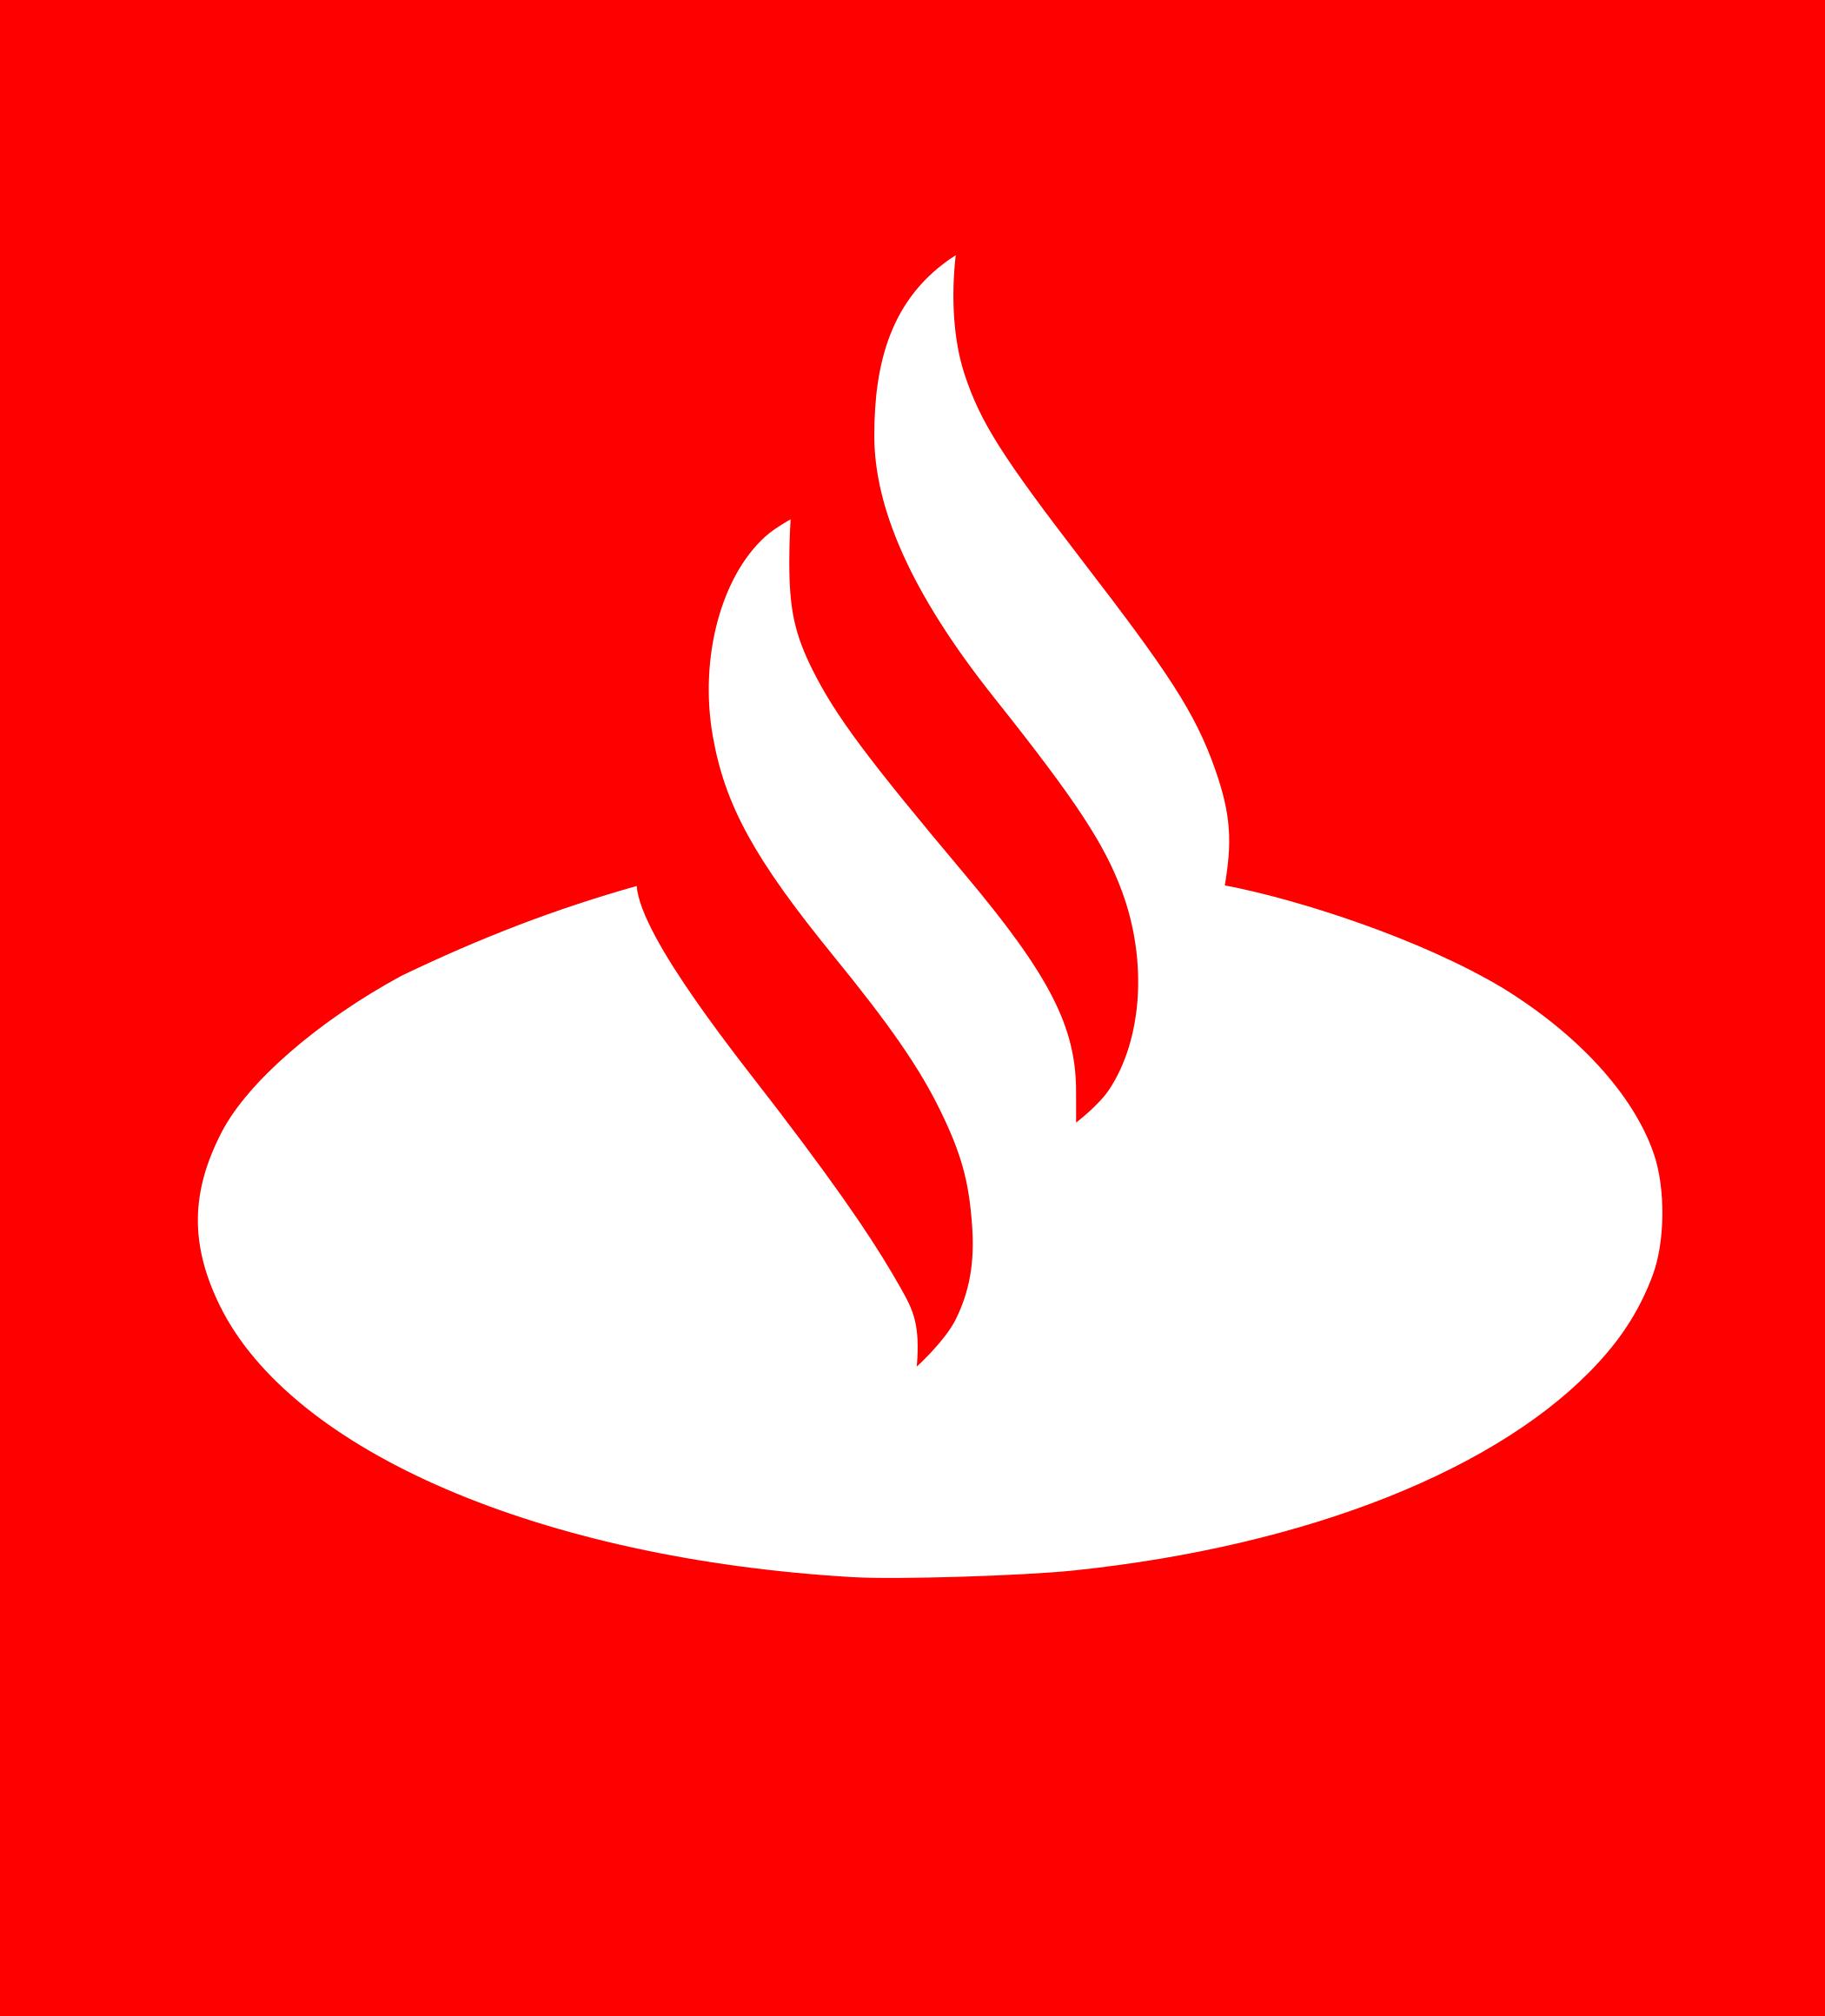 banco-santander-logo-31 - PNG - Download de Logotipos